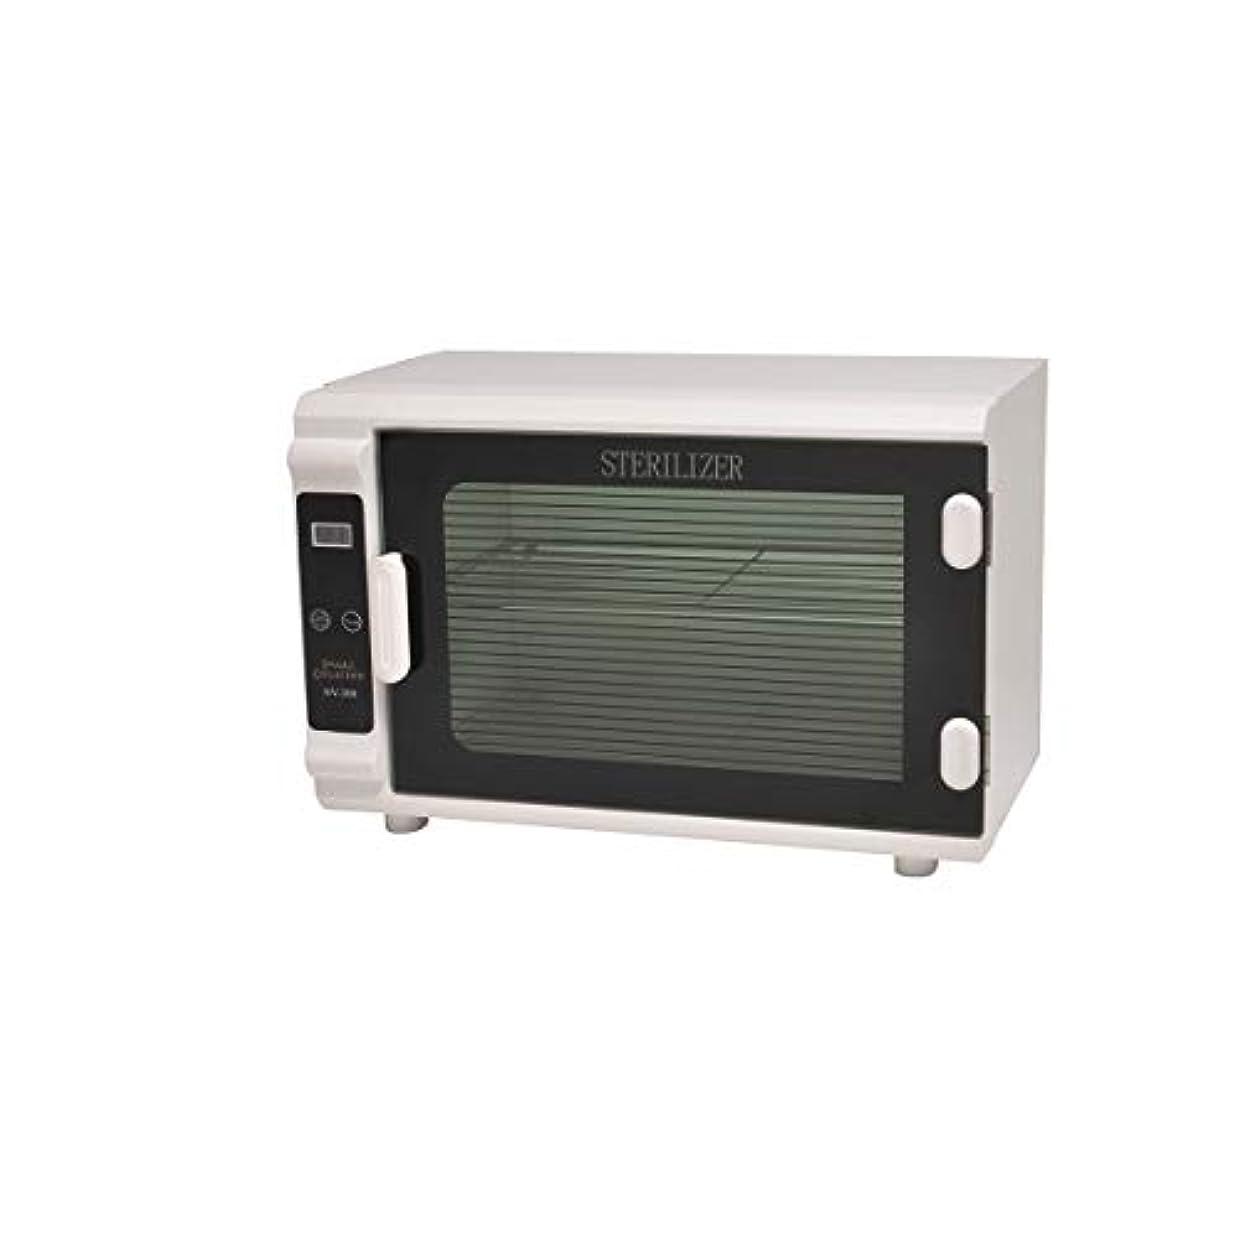 膨らみ思い出逮捕タイマー付紫外線消毒器NV-308EX(PHILIPS社製ライト採用)